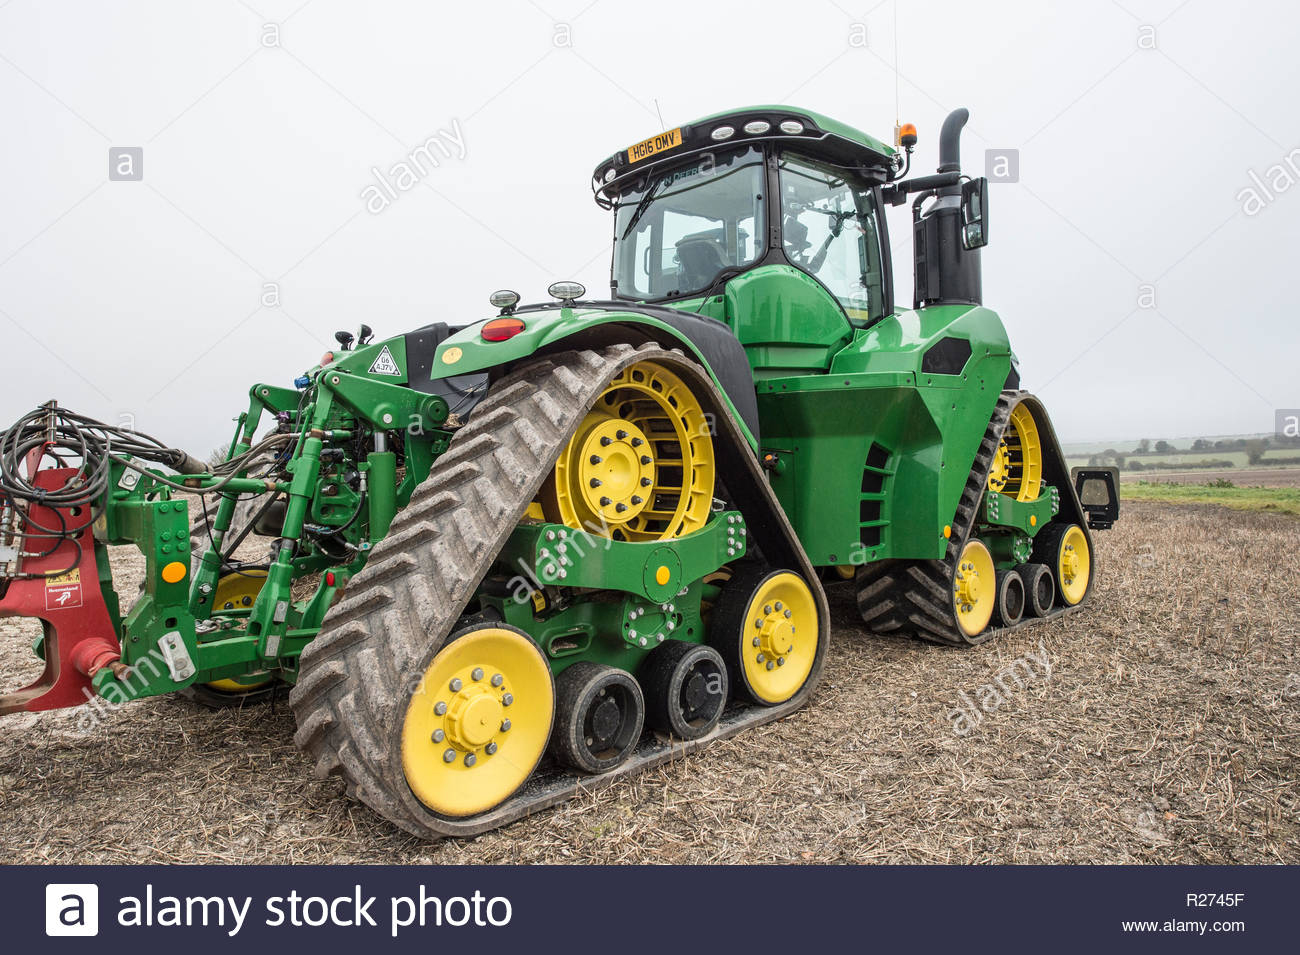 Green Tractor Photos & Green Tractor Images - Alamy intérieur Dessin Animé De Tracteur John Deere